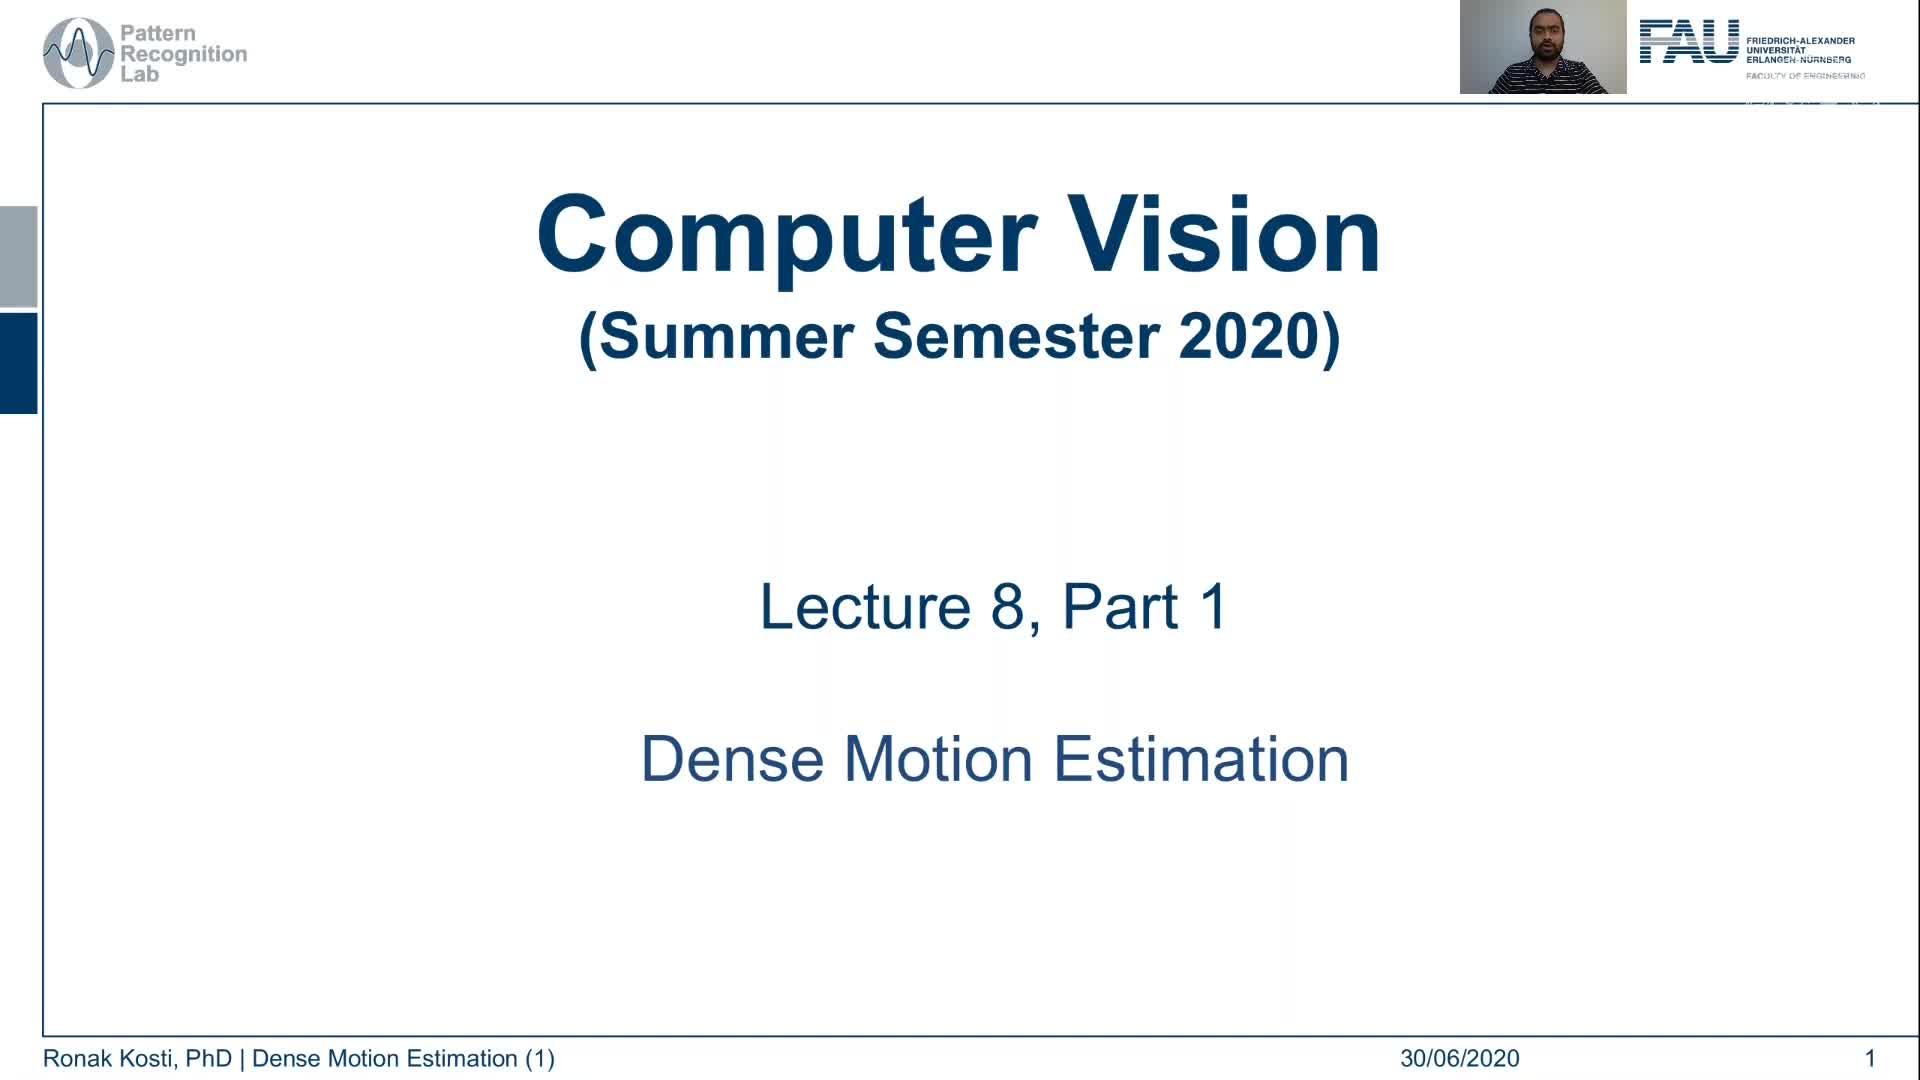 Dense Motion Estimation (Lecture 8, Part 1) preview image